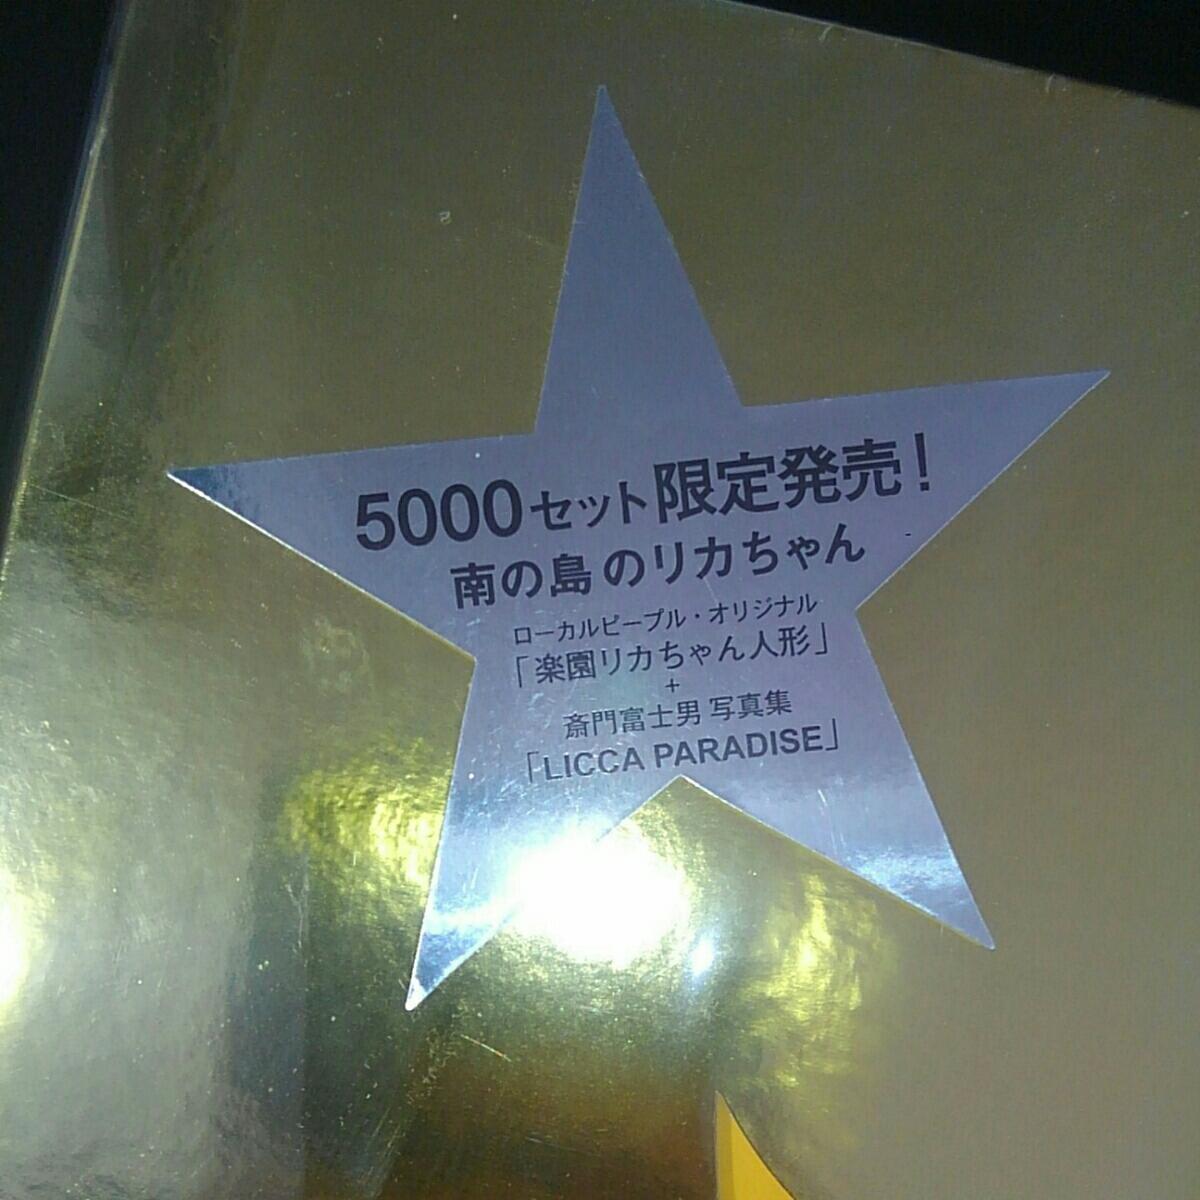 ★激レア★ 新品、未開封 5000セット限定販売! 南の島のリカちゃん_画像4